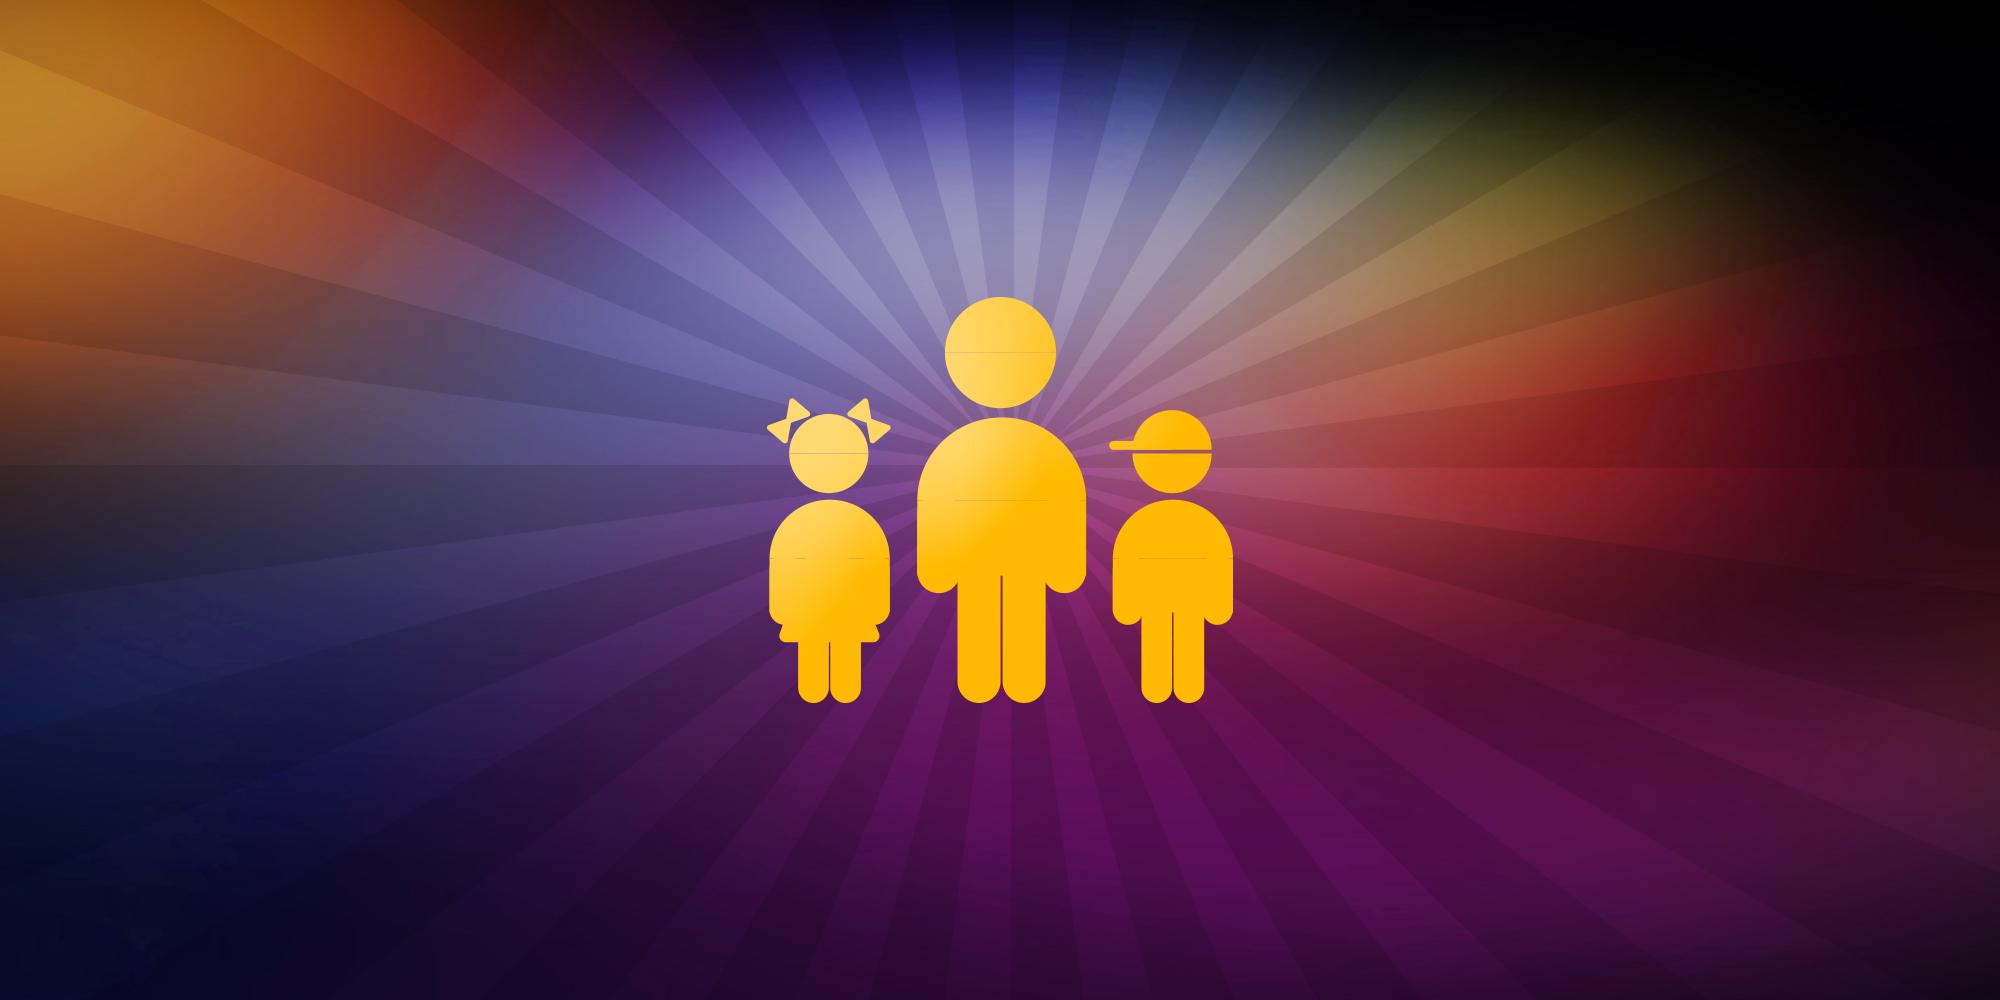 3 причины пройти квест для детей и родителей вместе